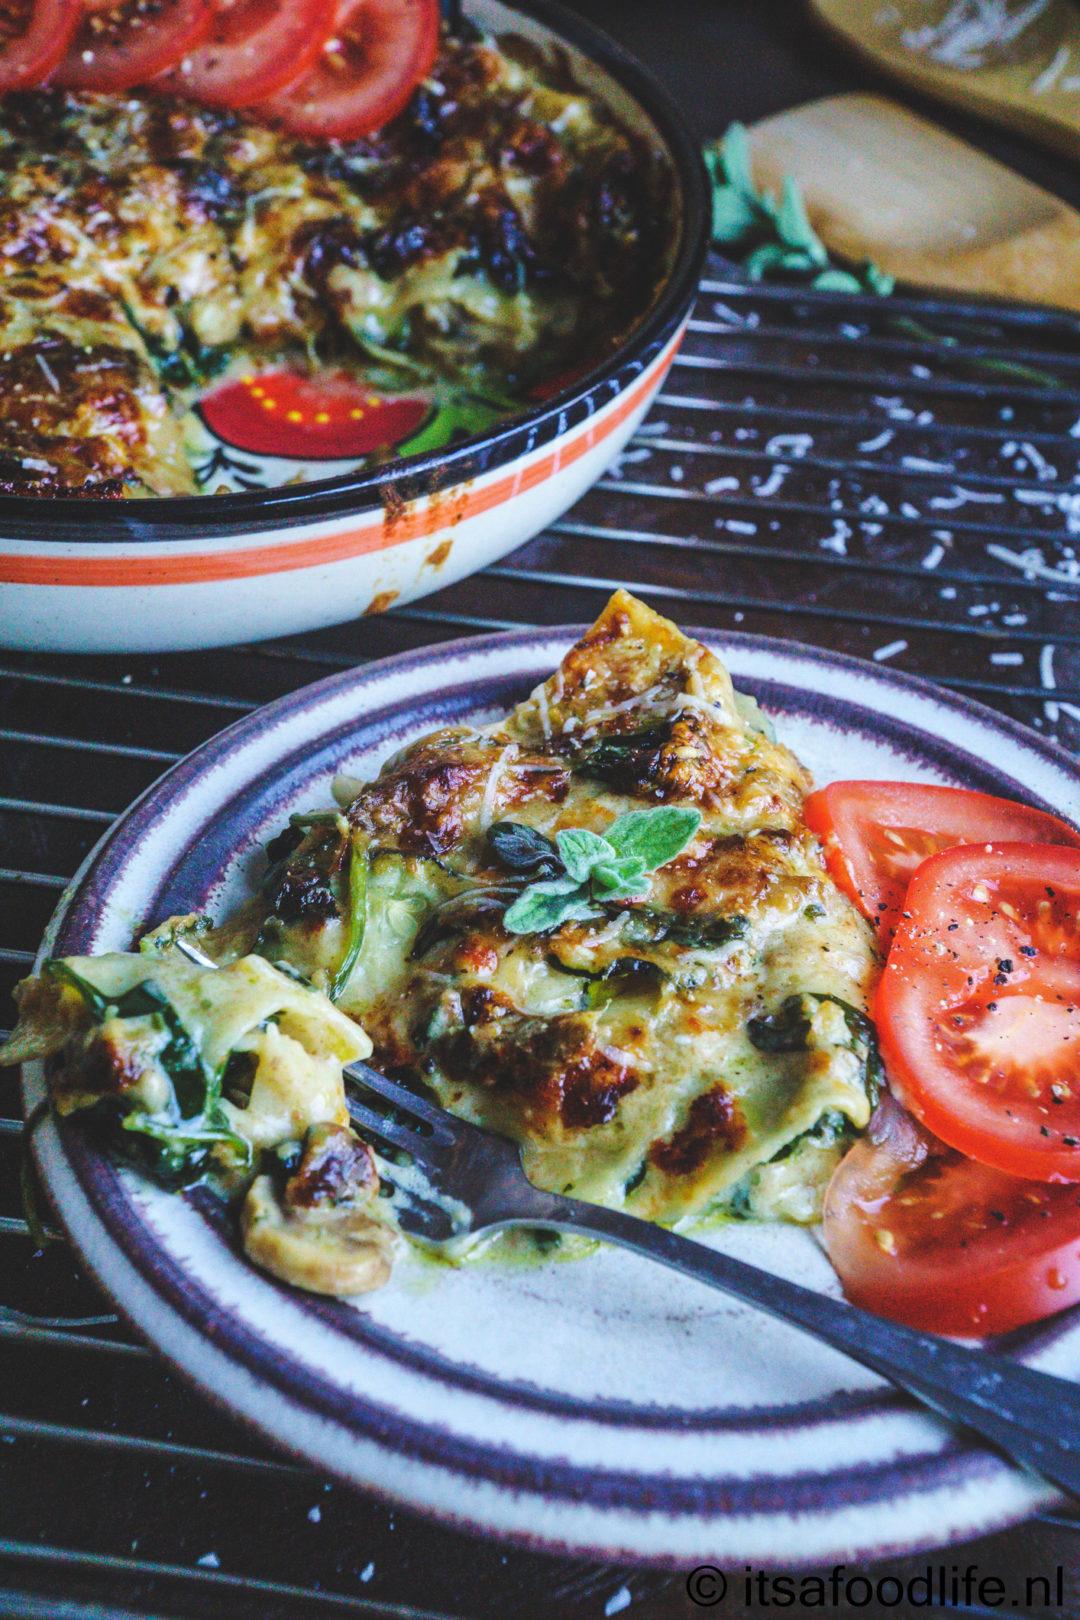 Groente lasagne met spinazie en paddenstoelen - It's a food life